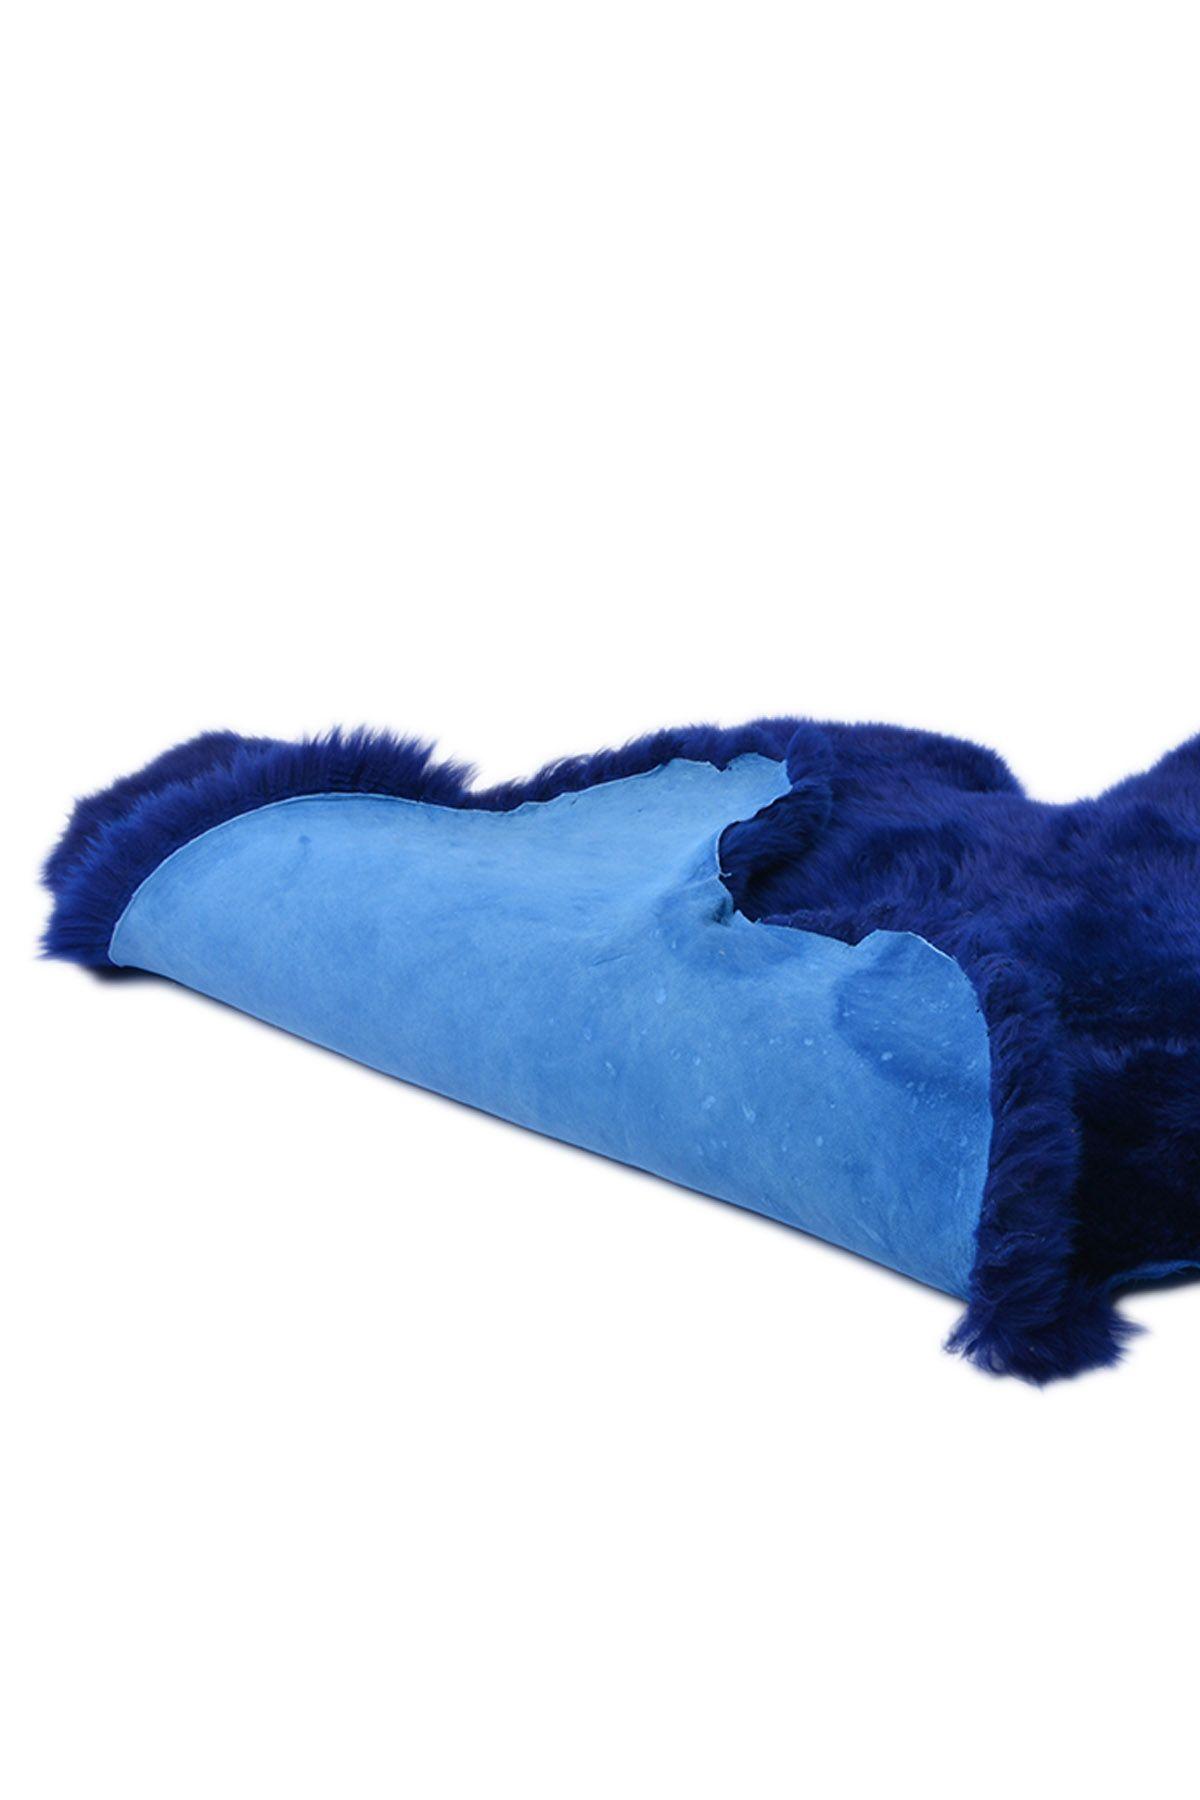 Erdogan Deri Decorative Sheepskin Rug Navy blue